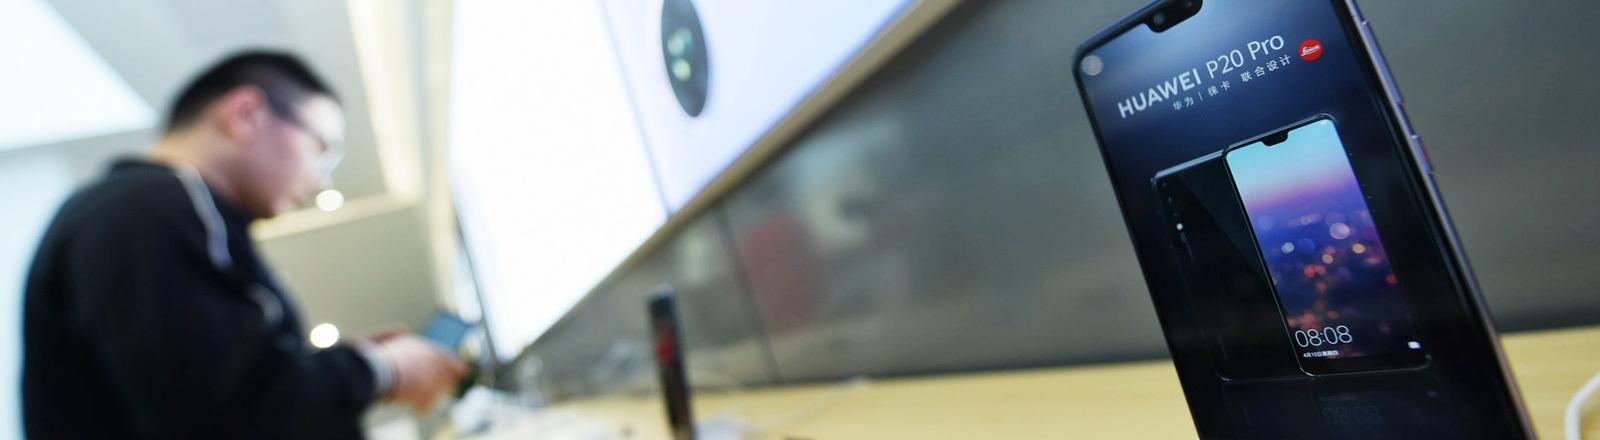 In der chinesischen Stadt Hangzhou steht ein Kunde in einem Huawei-Laden und schaut sich ein Smartphone an.